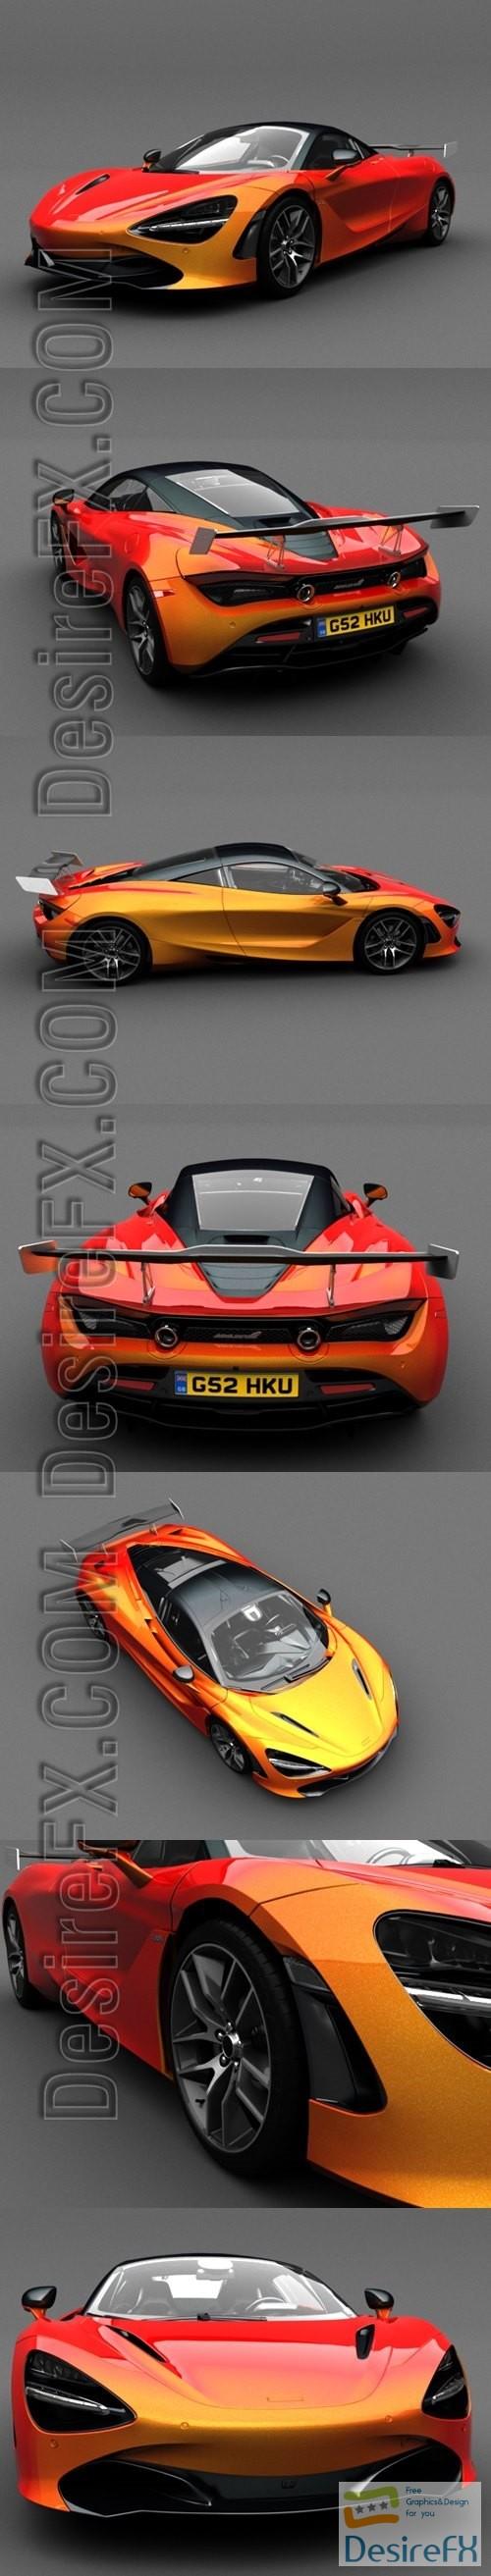 3d-models - McLaren 720S 2018 3D Model